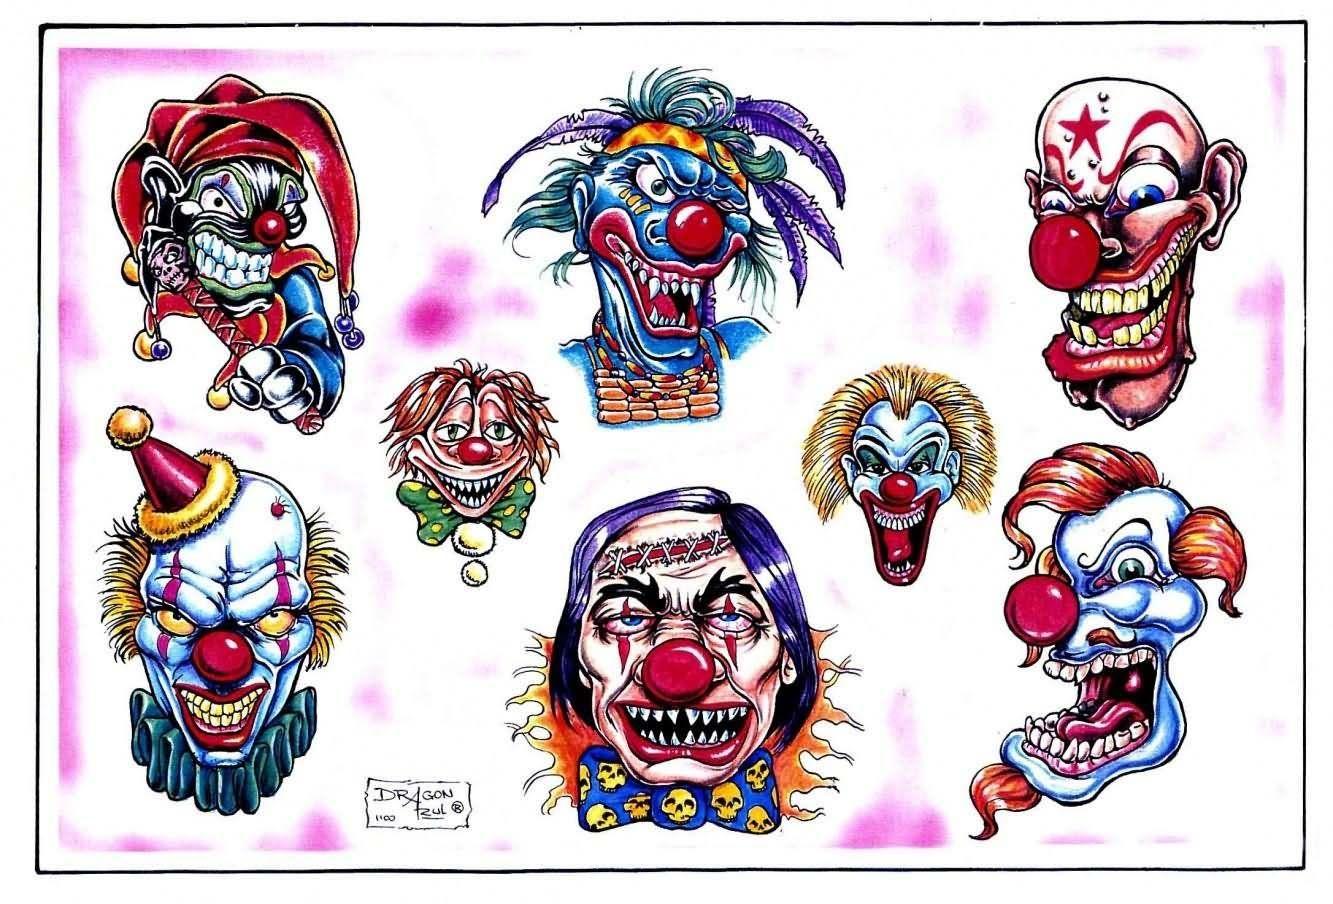 Картинки клоунов для тату ведь ягодах